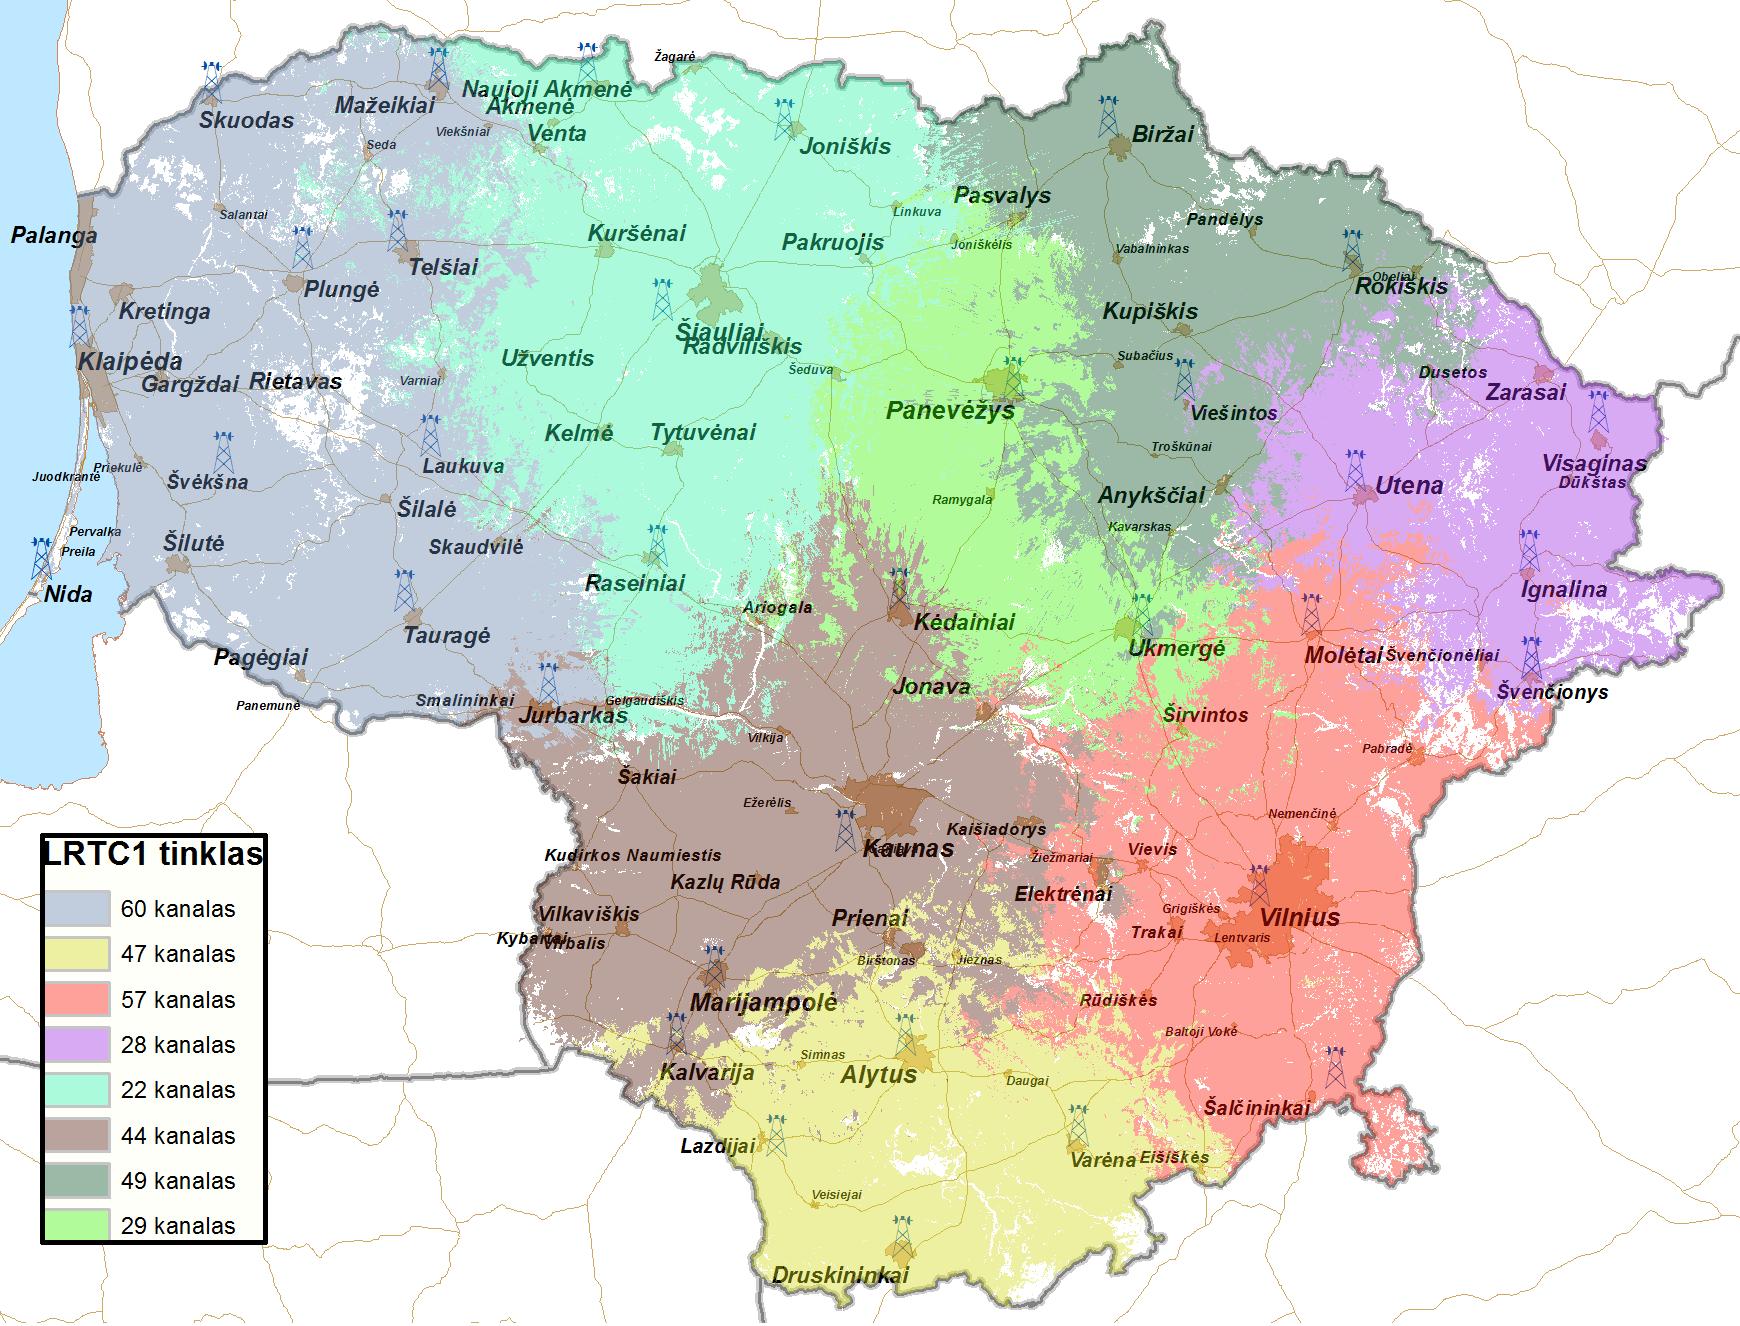 LRTC pateiktas bokštų žemėlapis